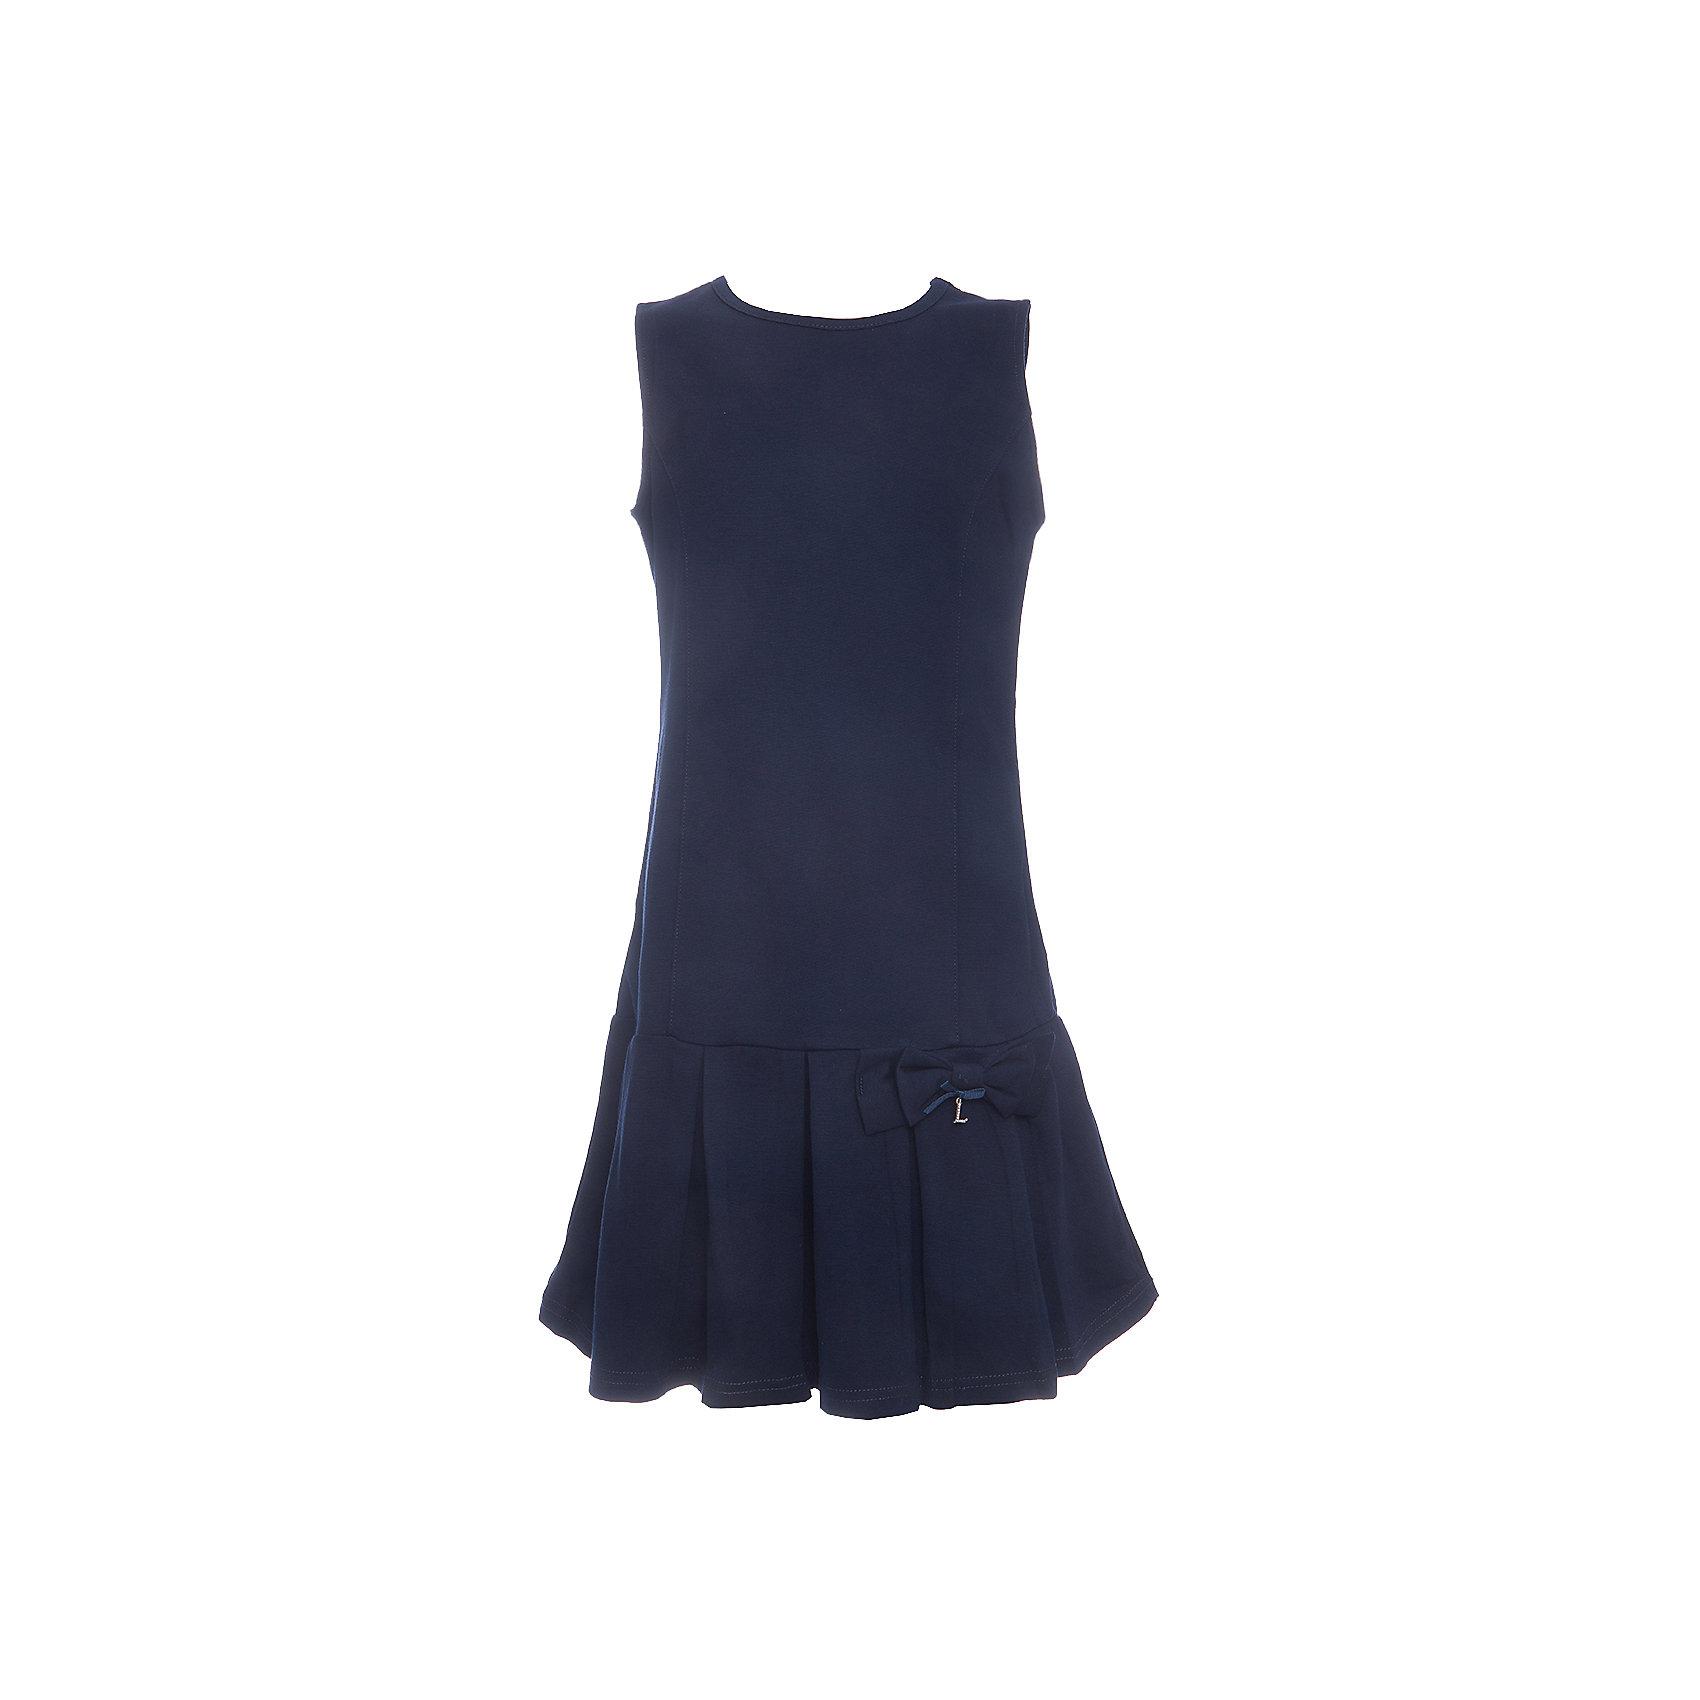 Платье для девочки LuminosoПлатья и сарафаны<br>Характеристики товара:<br><br>• цвет: синий;<br>• состав: 65% хлопок 30% полиэстер 5% эластан;<br>• сезон: демисезон;<br>• особенности: школьное, плиссированное;<br>• с коротким рукавом:<br>• юбка с плиссировкой;<br>• страна бренда: Россия;<br>• страна производства: Китай.<br><br>Темно-синее трикотажное платье-сарафан А-силуэта с округлым вырезом для девочки. Юбка декорирована плиссировкой. Школьное платье без рукавов.<br><br>Платье для девочки Luminoso (Люминосо) можно купить в нашем интернет-магазине.<br><br>Ширина мм: 236<br>Глубина мм: 16<br>Высота мм: 184<br>Вес г: 177<br>Цвет: синий<br>Возраст от месяцев: 72<br>Возраст до месяцев: 84<br>Пол: Женский<br>Возраст: Детский<br>Размер: 122,164,128,134,140,146,152,158<br>SKU: 6672851